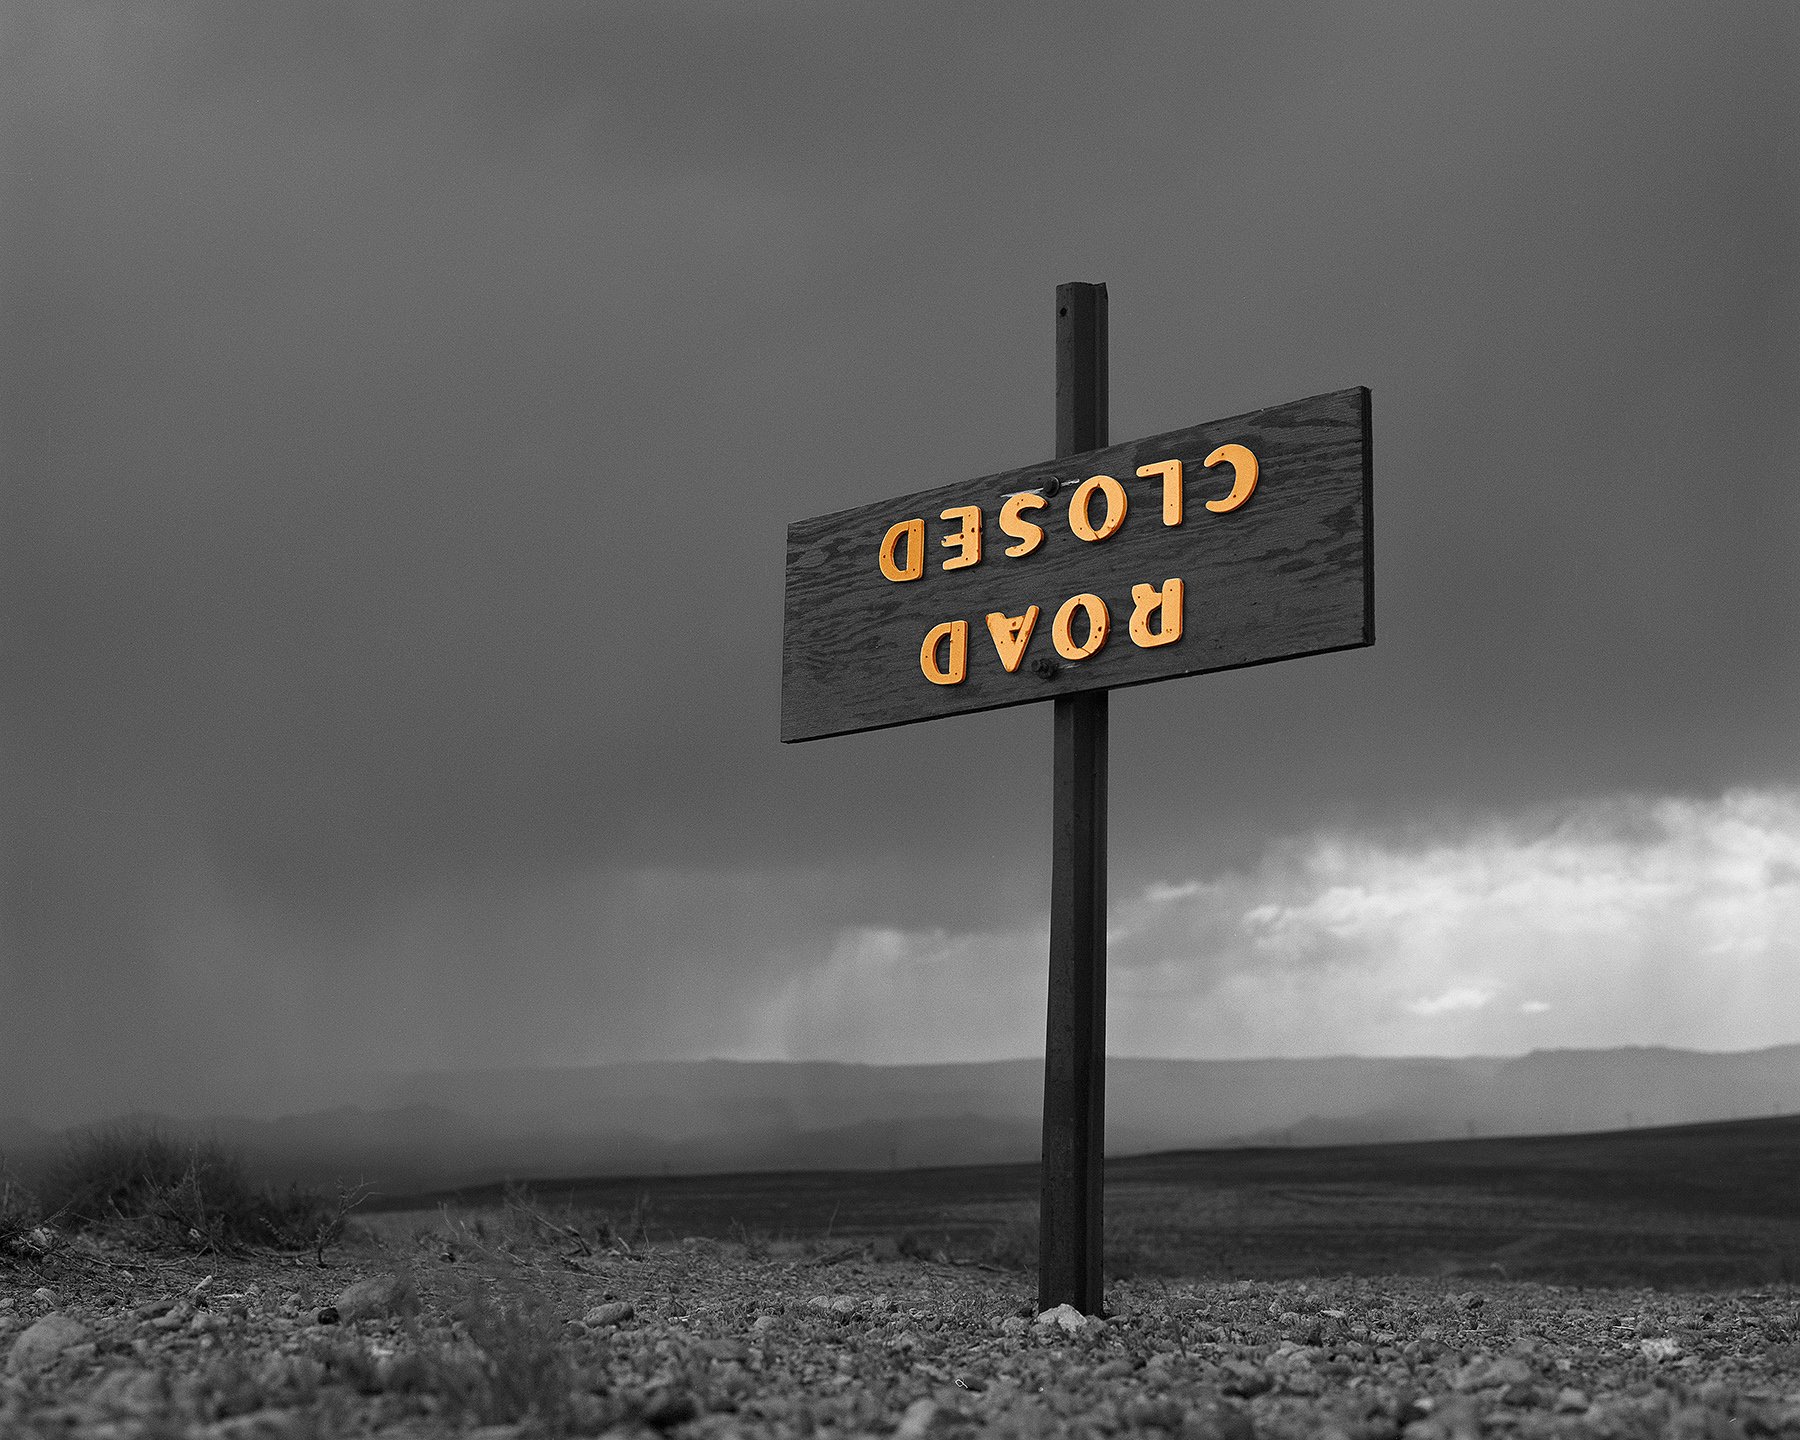 Road Closed, Utah, 1980/2015